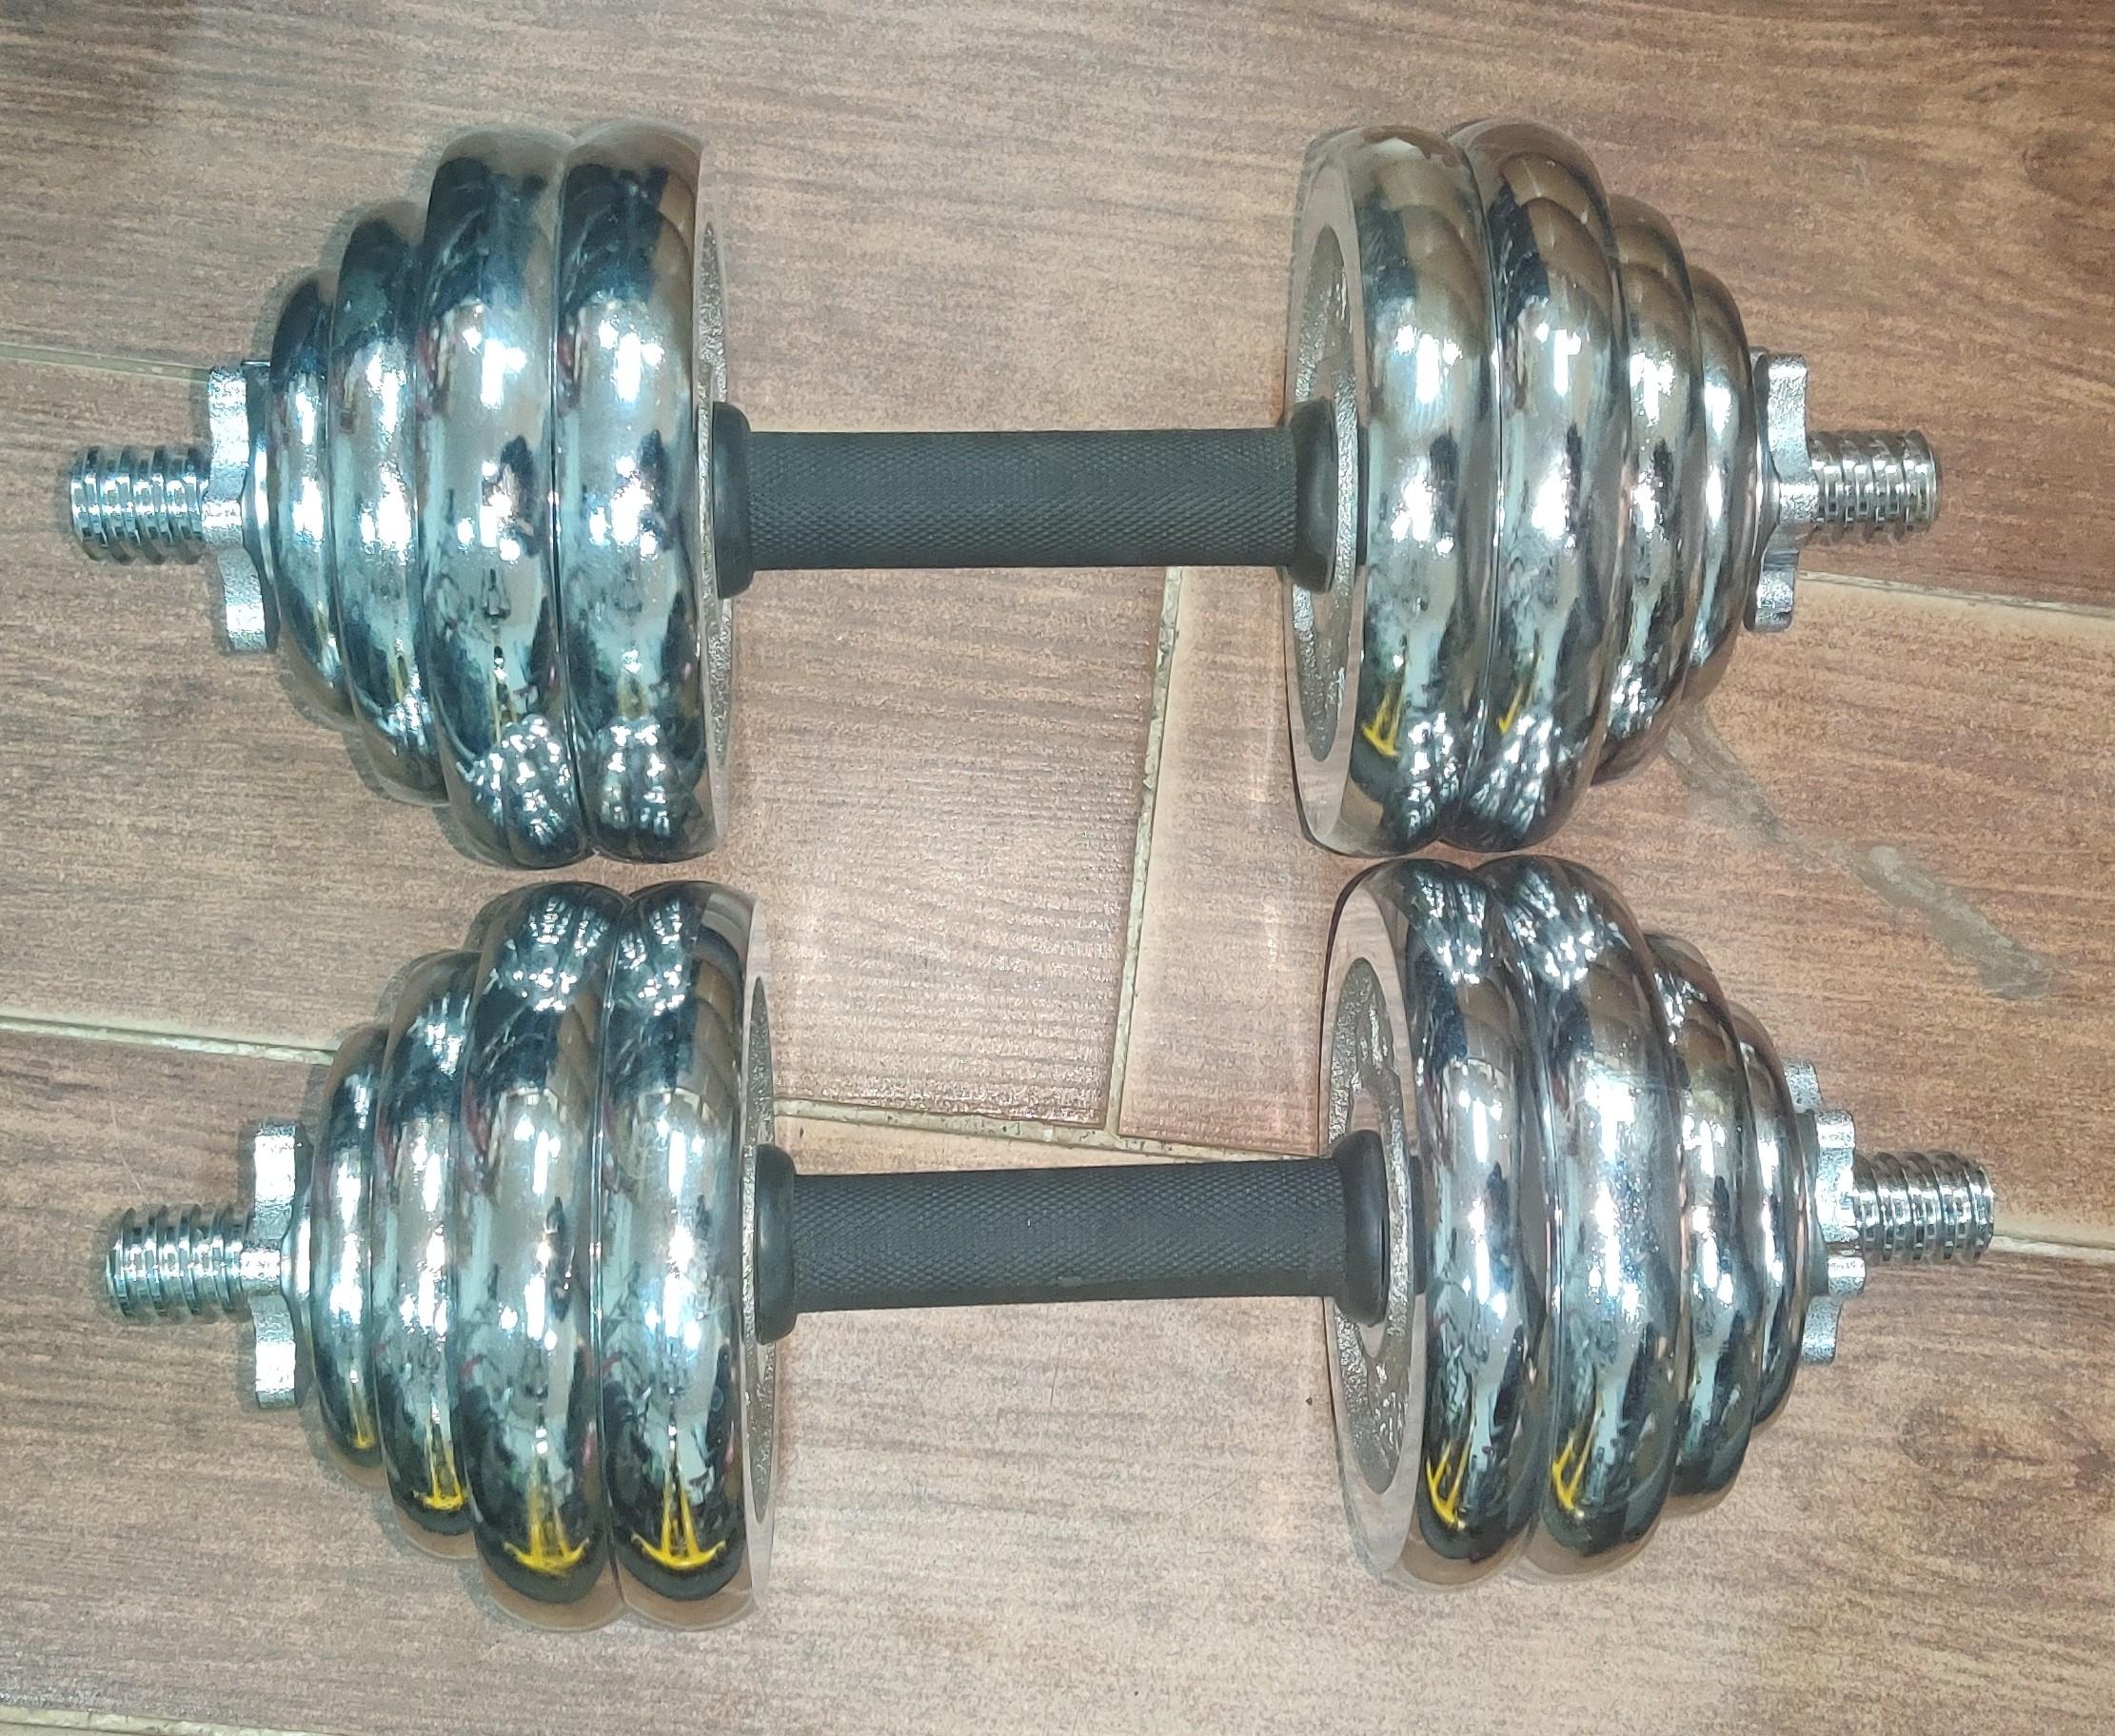 30kg Chrome dumbbells 15kg each hand